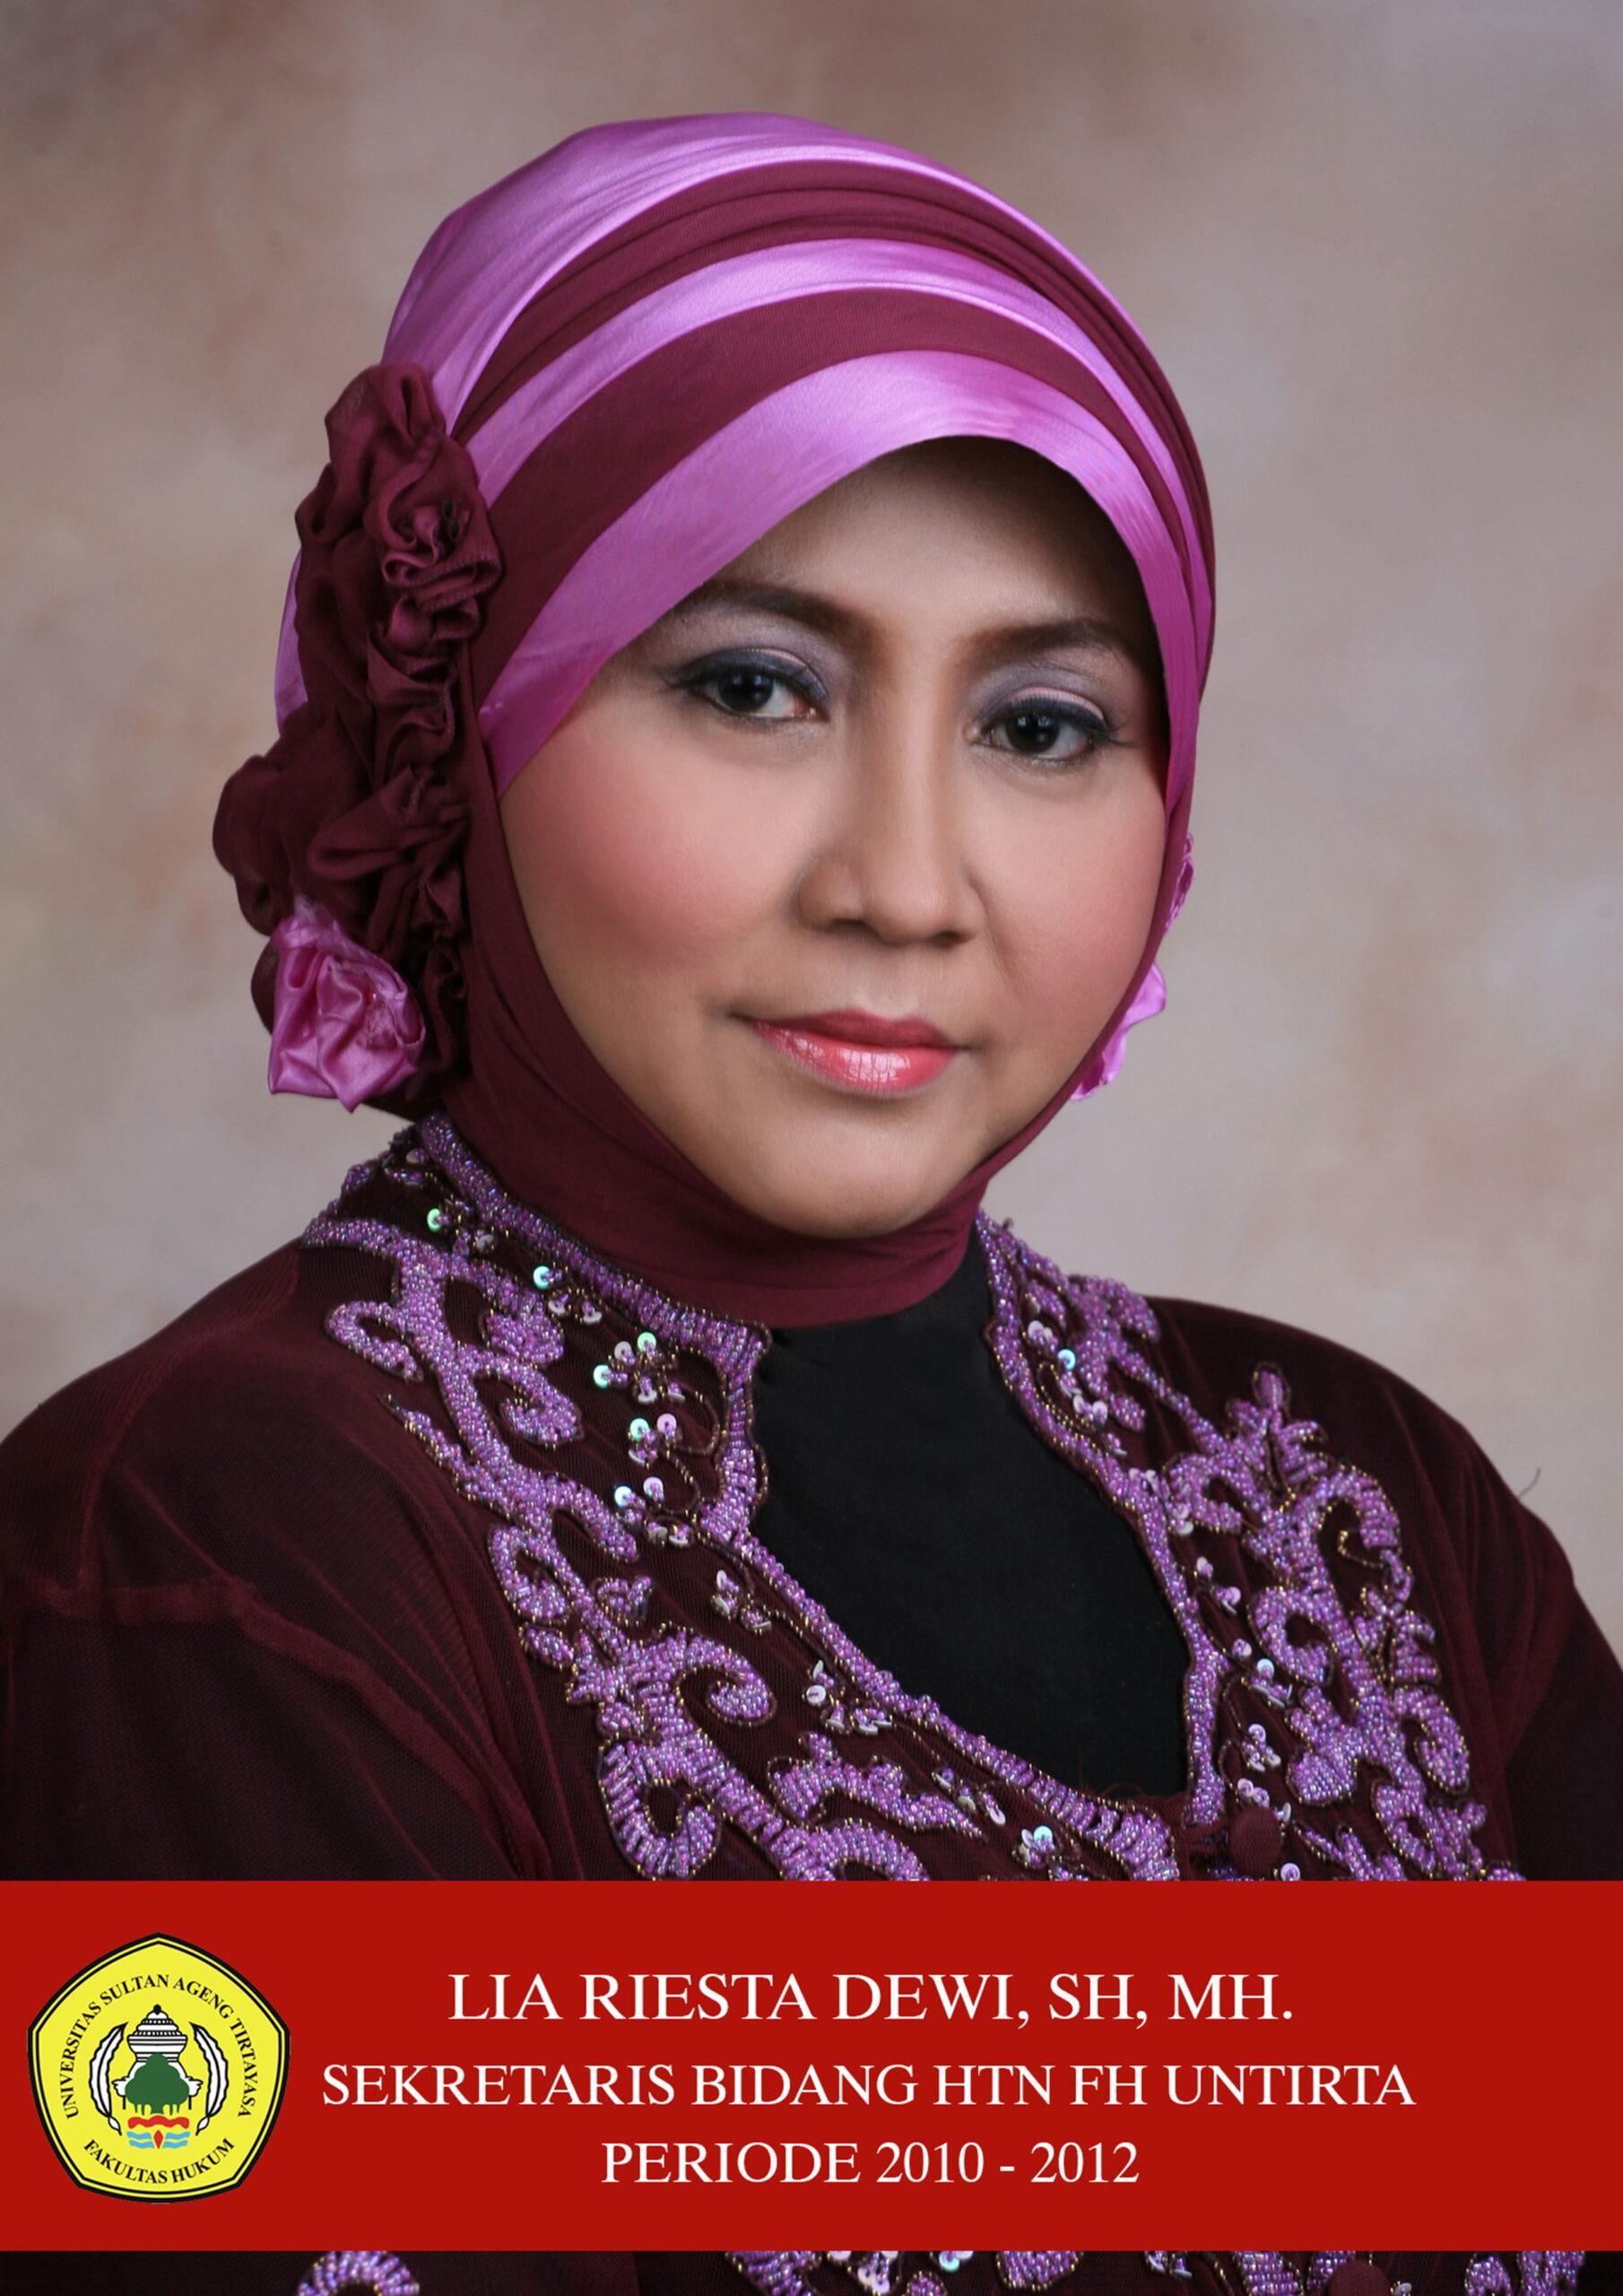 5. Lia Riesta Dewi